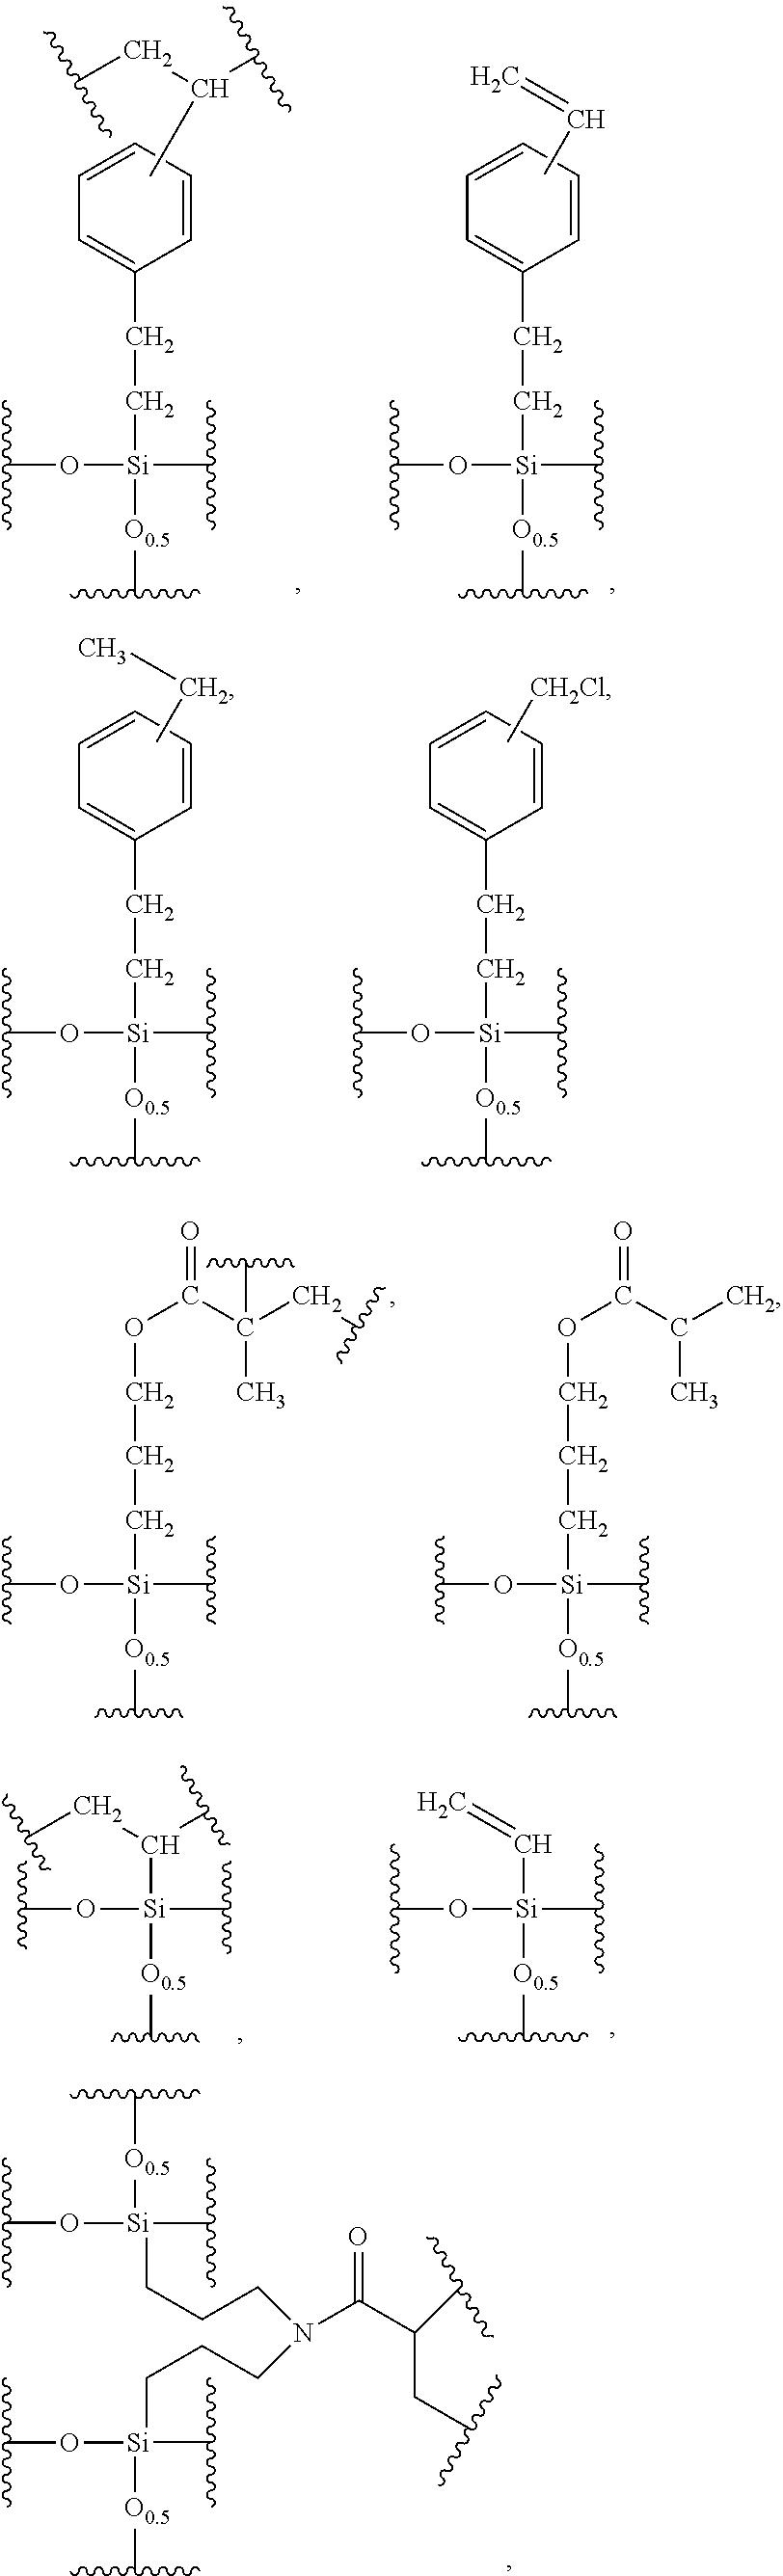 Figure US09546257-20170117-C00033